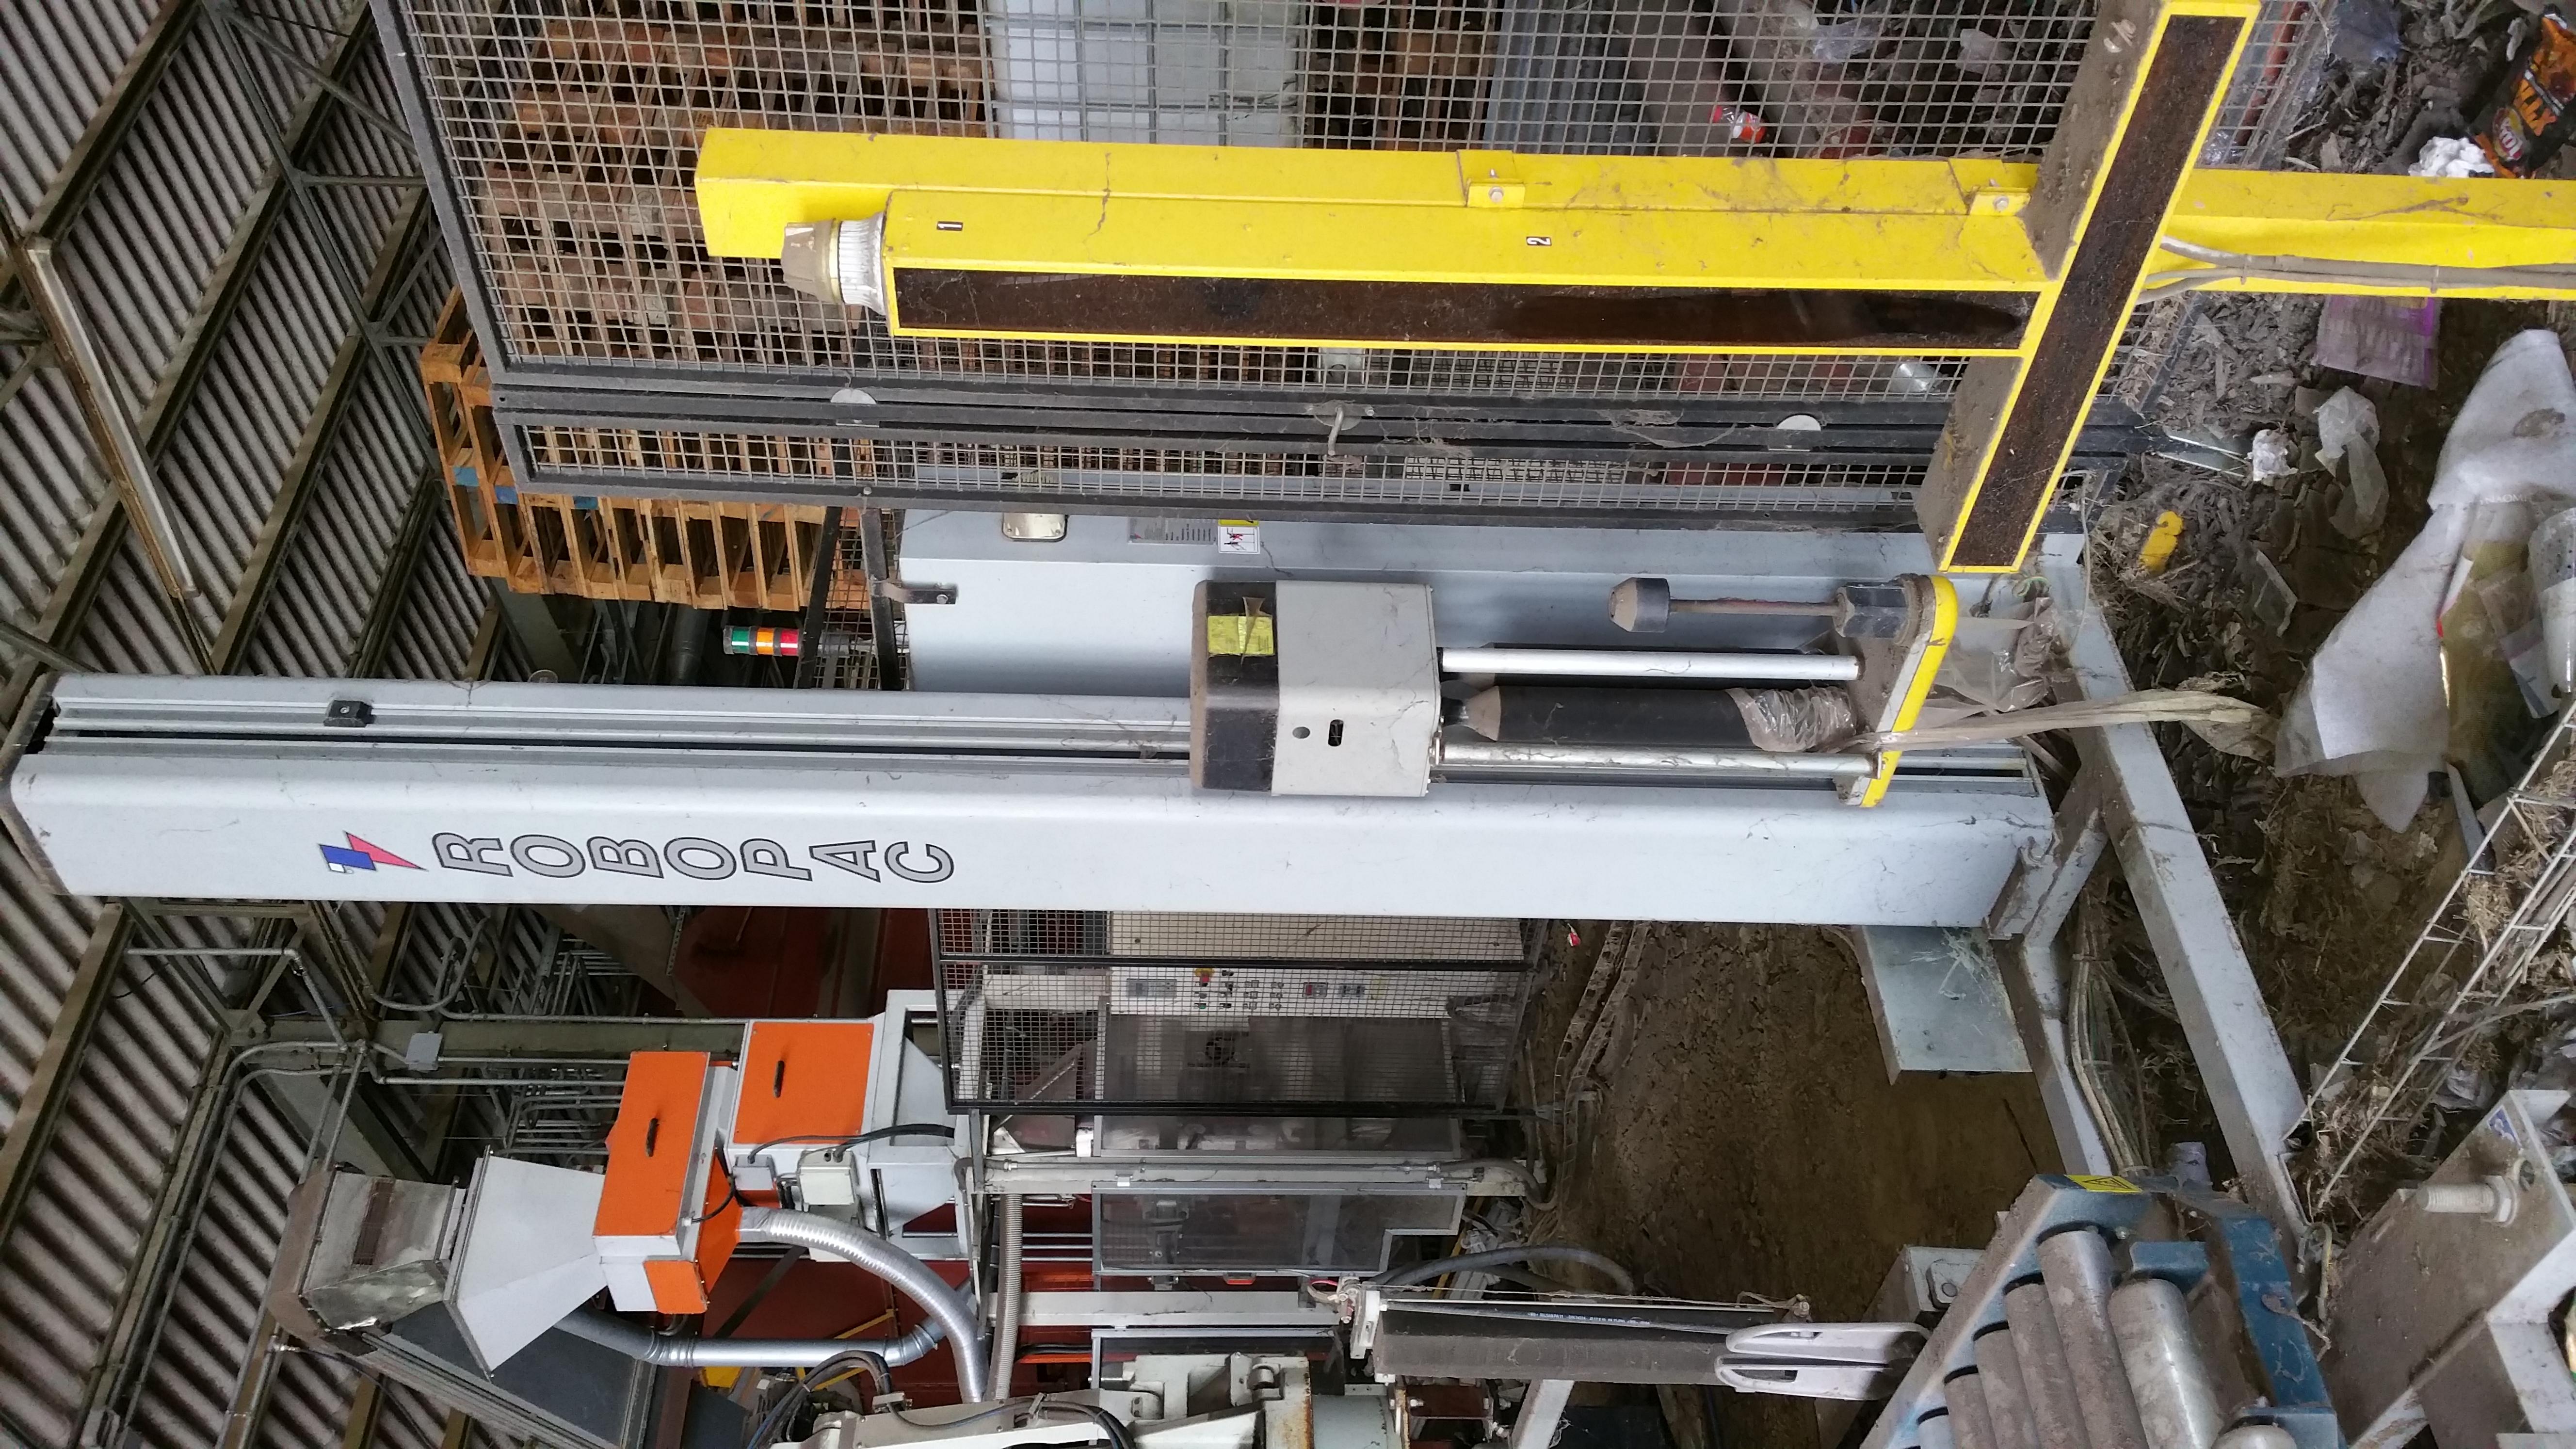 Pellet linee di produzione macchinari usati exapro for Macchinari pellet usati